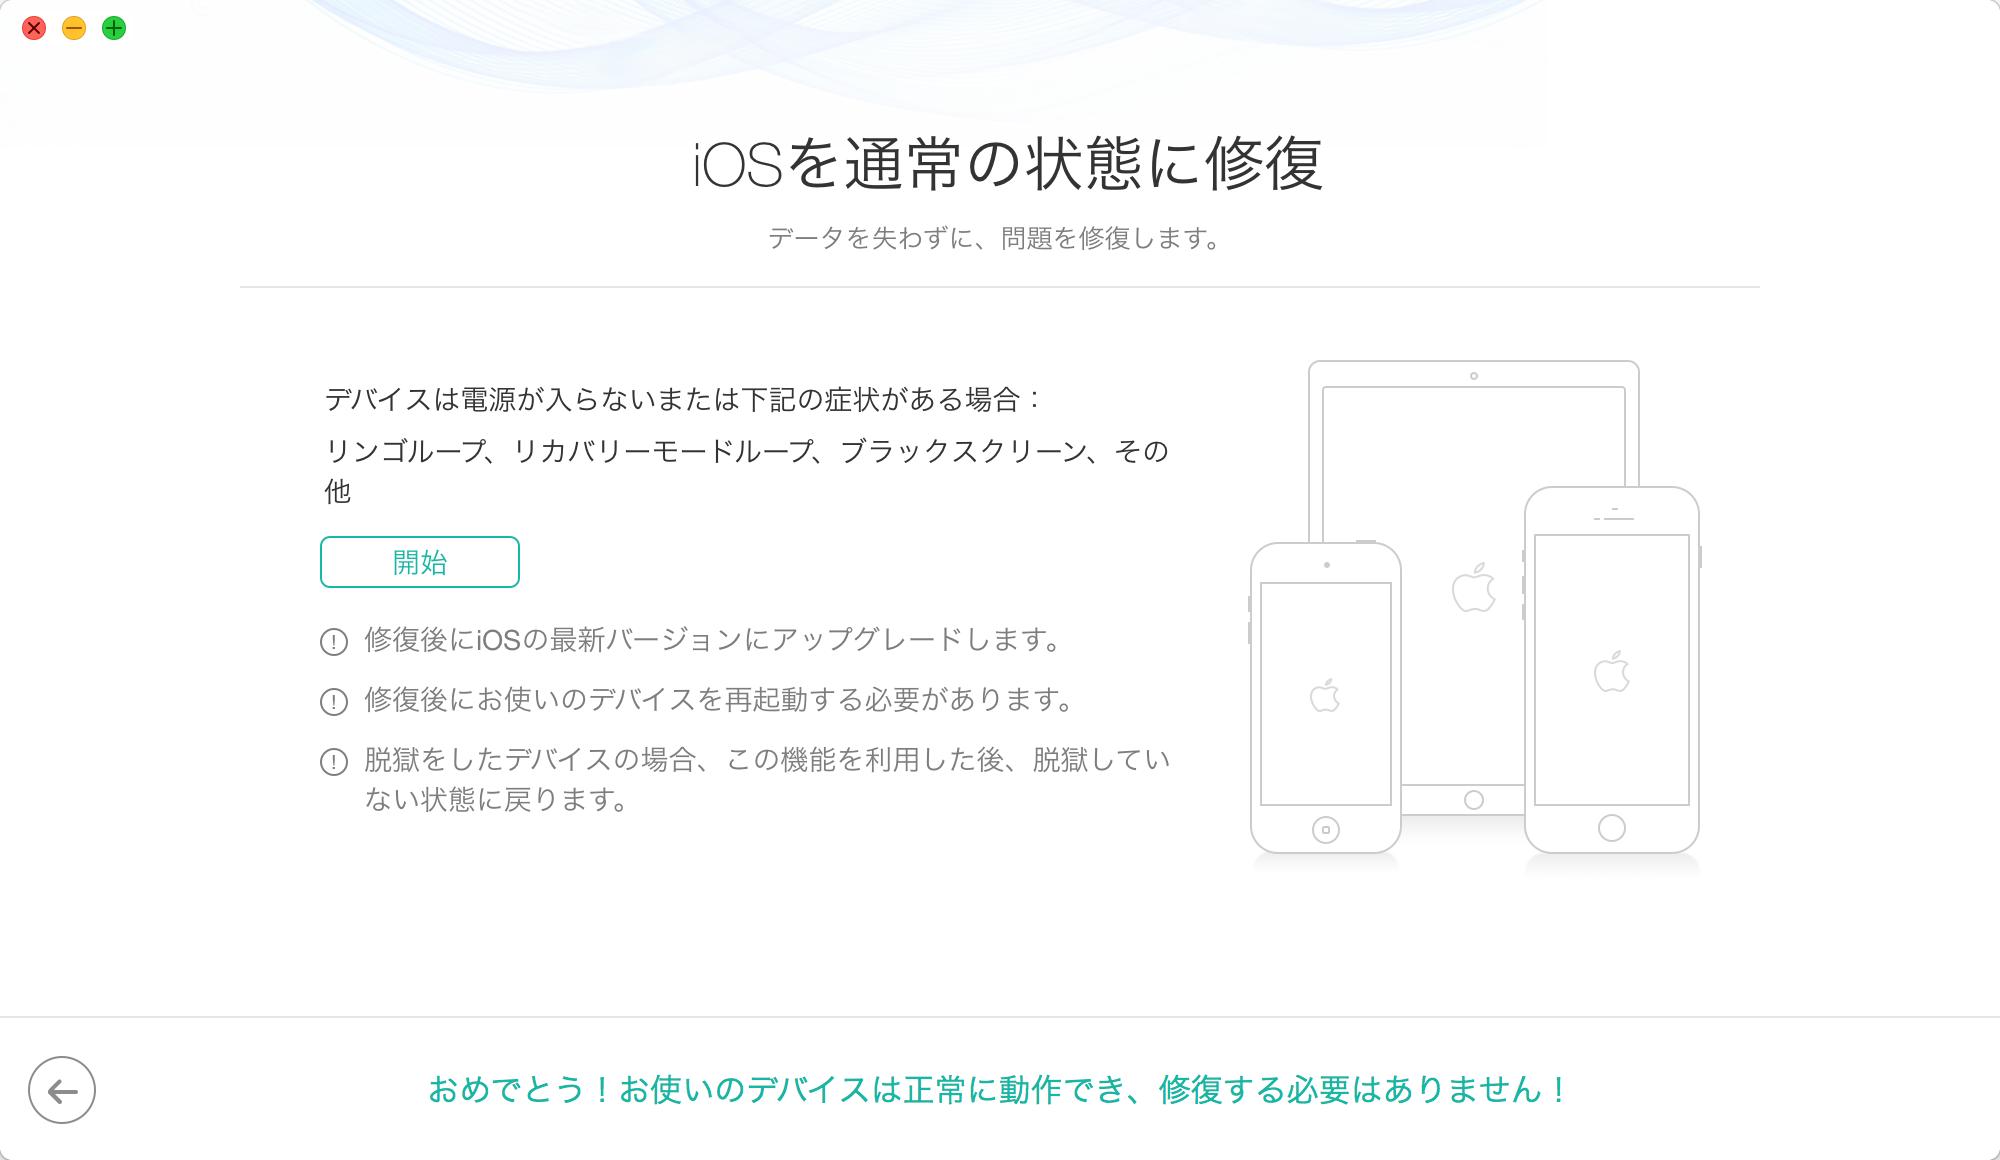 デバイスの接続を確認するs